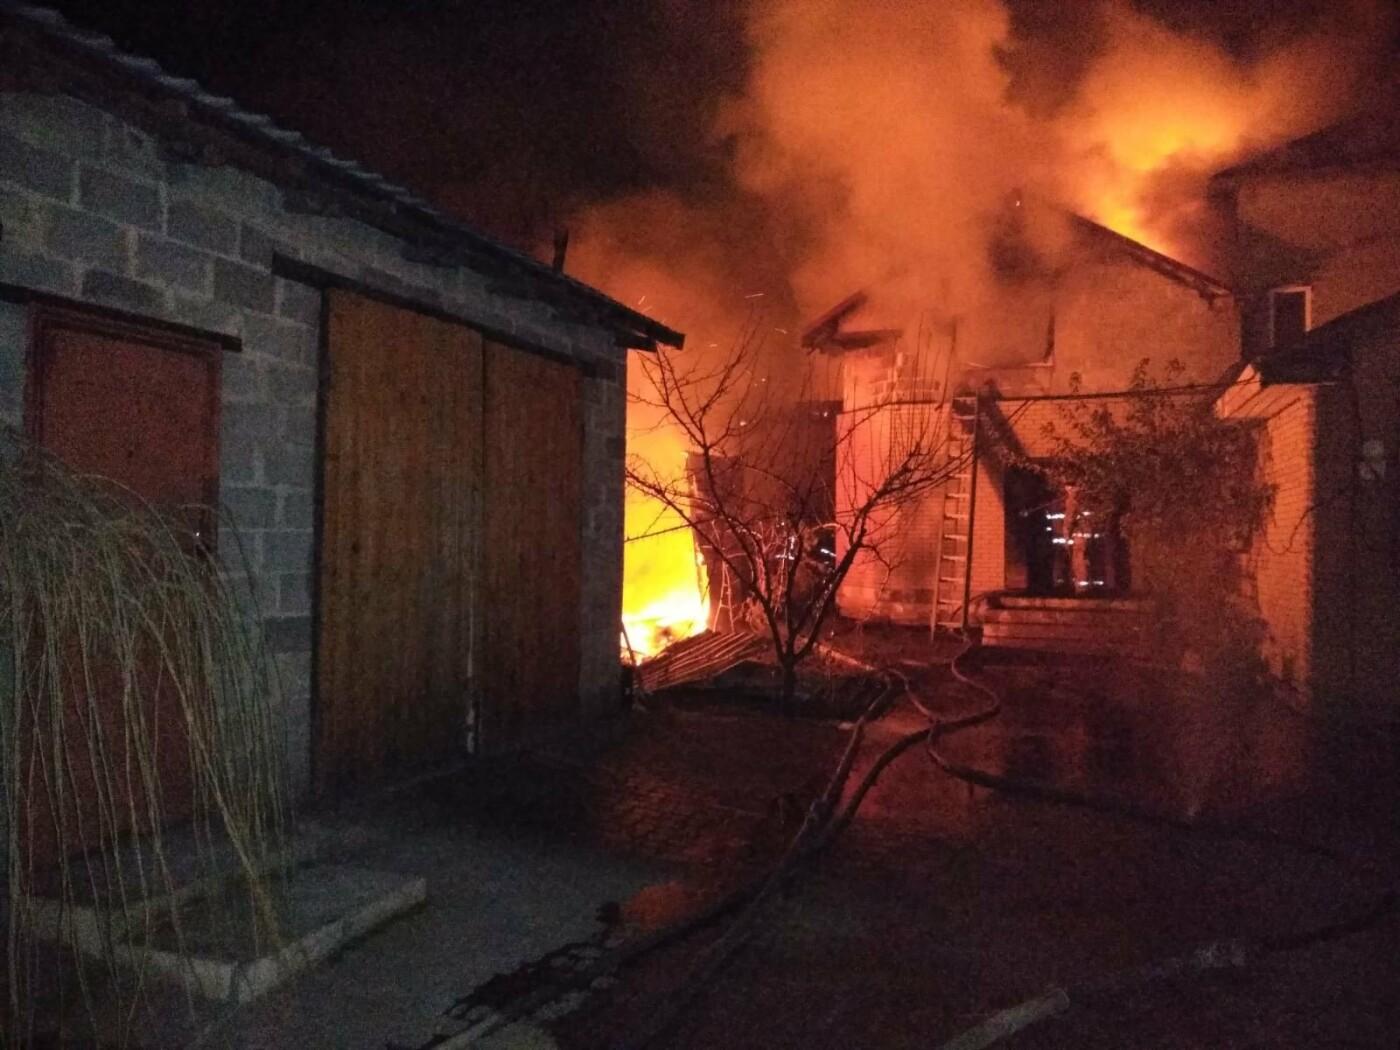 В Мариуполе пожар в частном доме тушили 17 спасателей, - ФОТО, ВИДЕО, фото-1